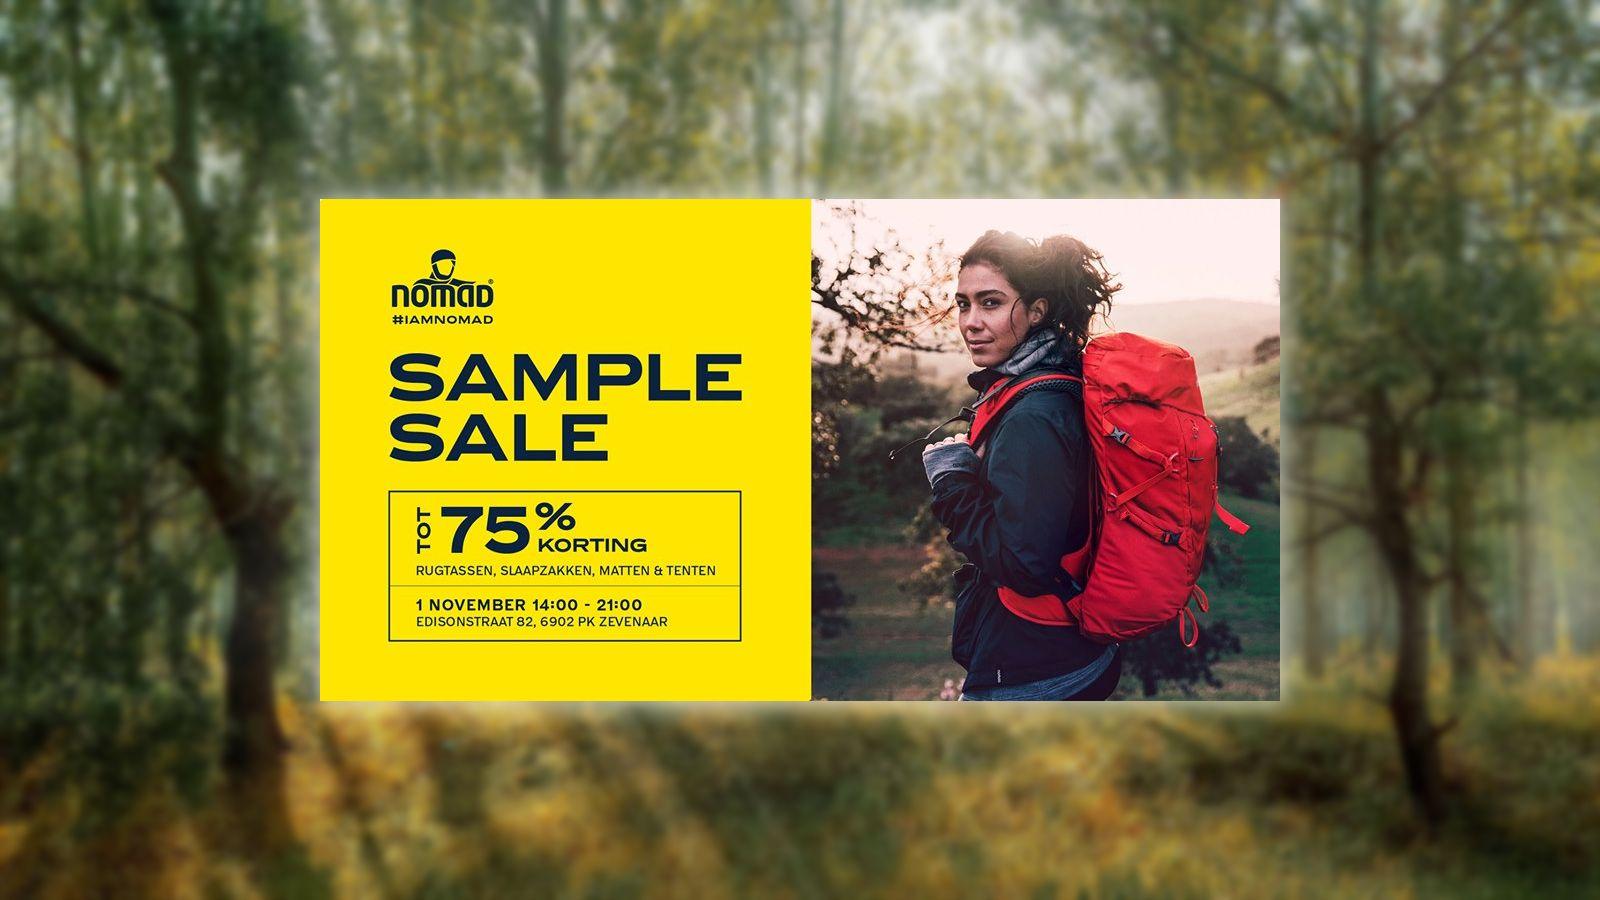 Nomad sample sale november 10`9